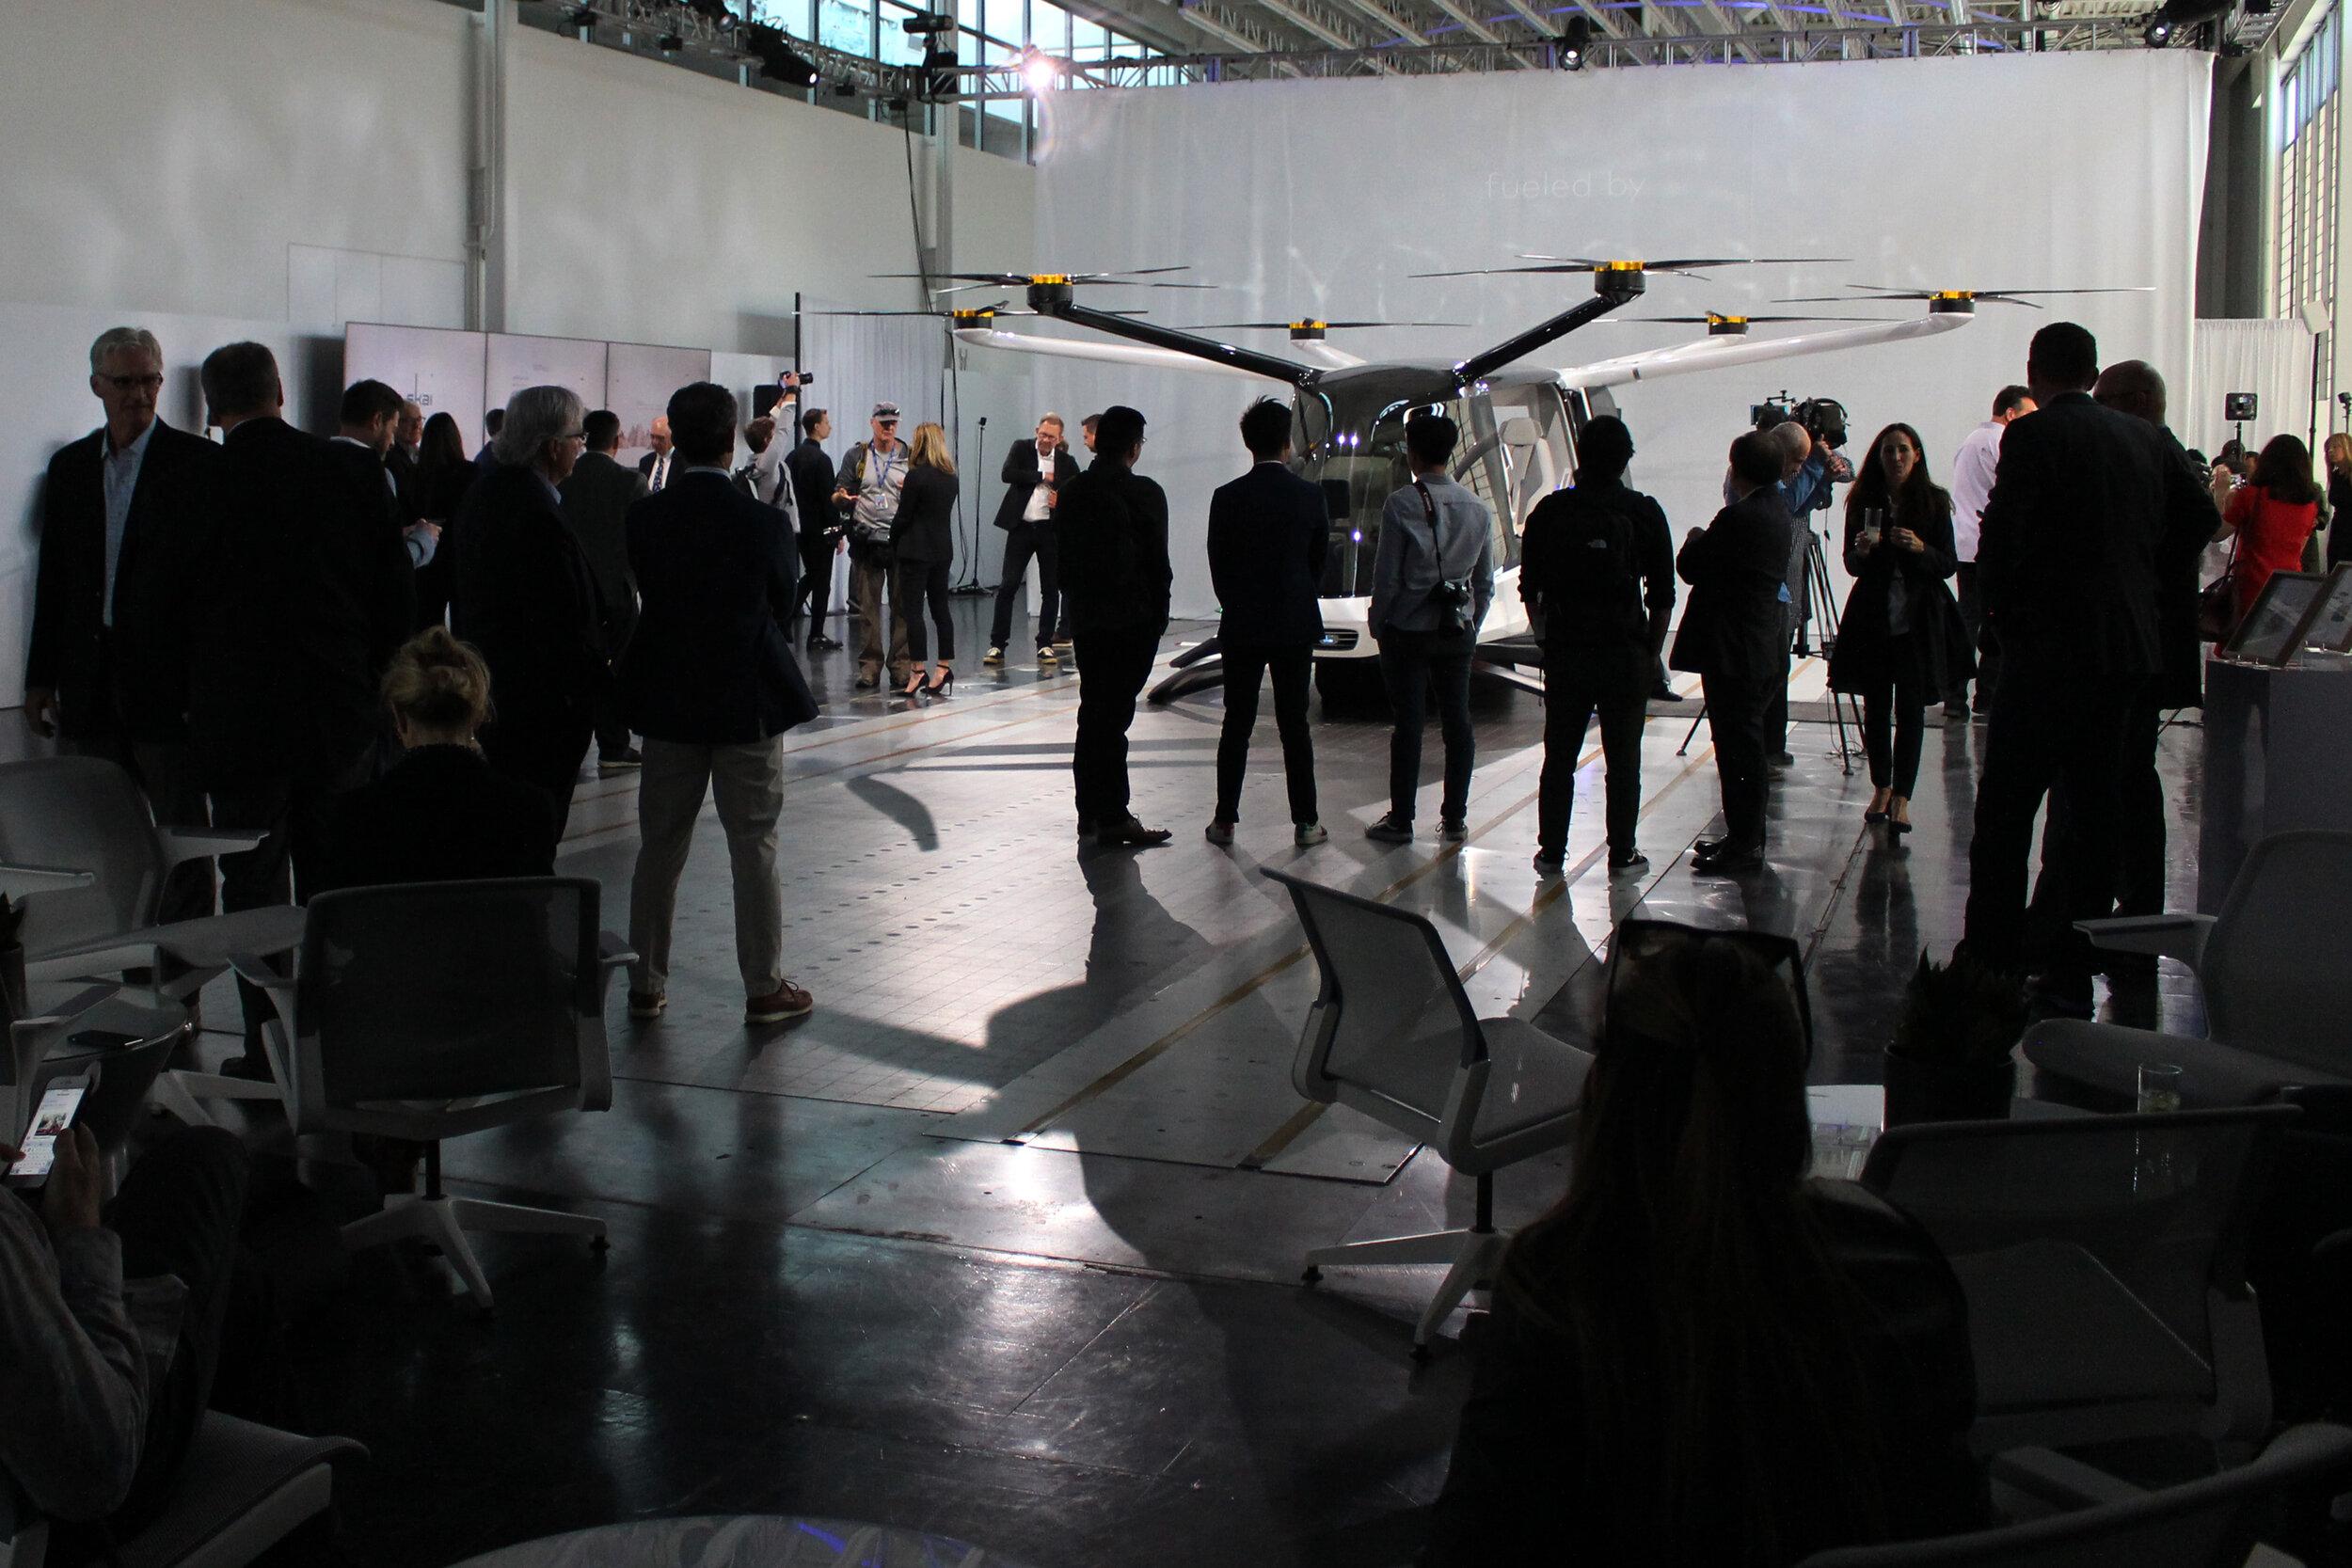 room of people.jpg